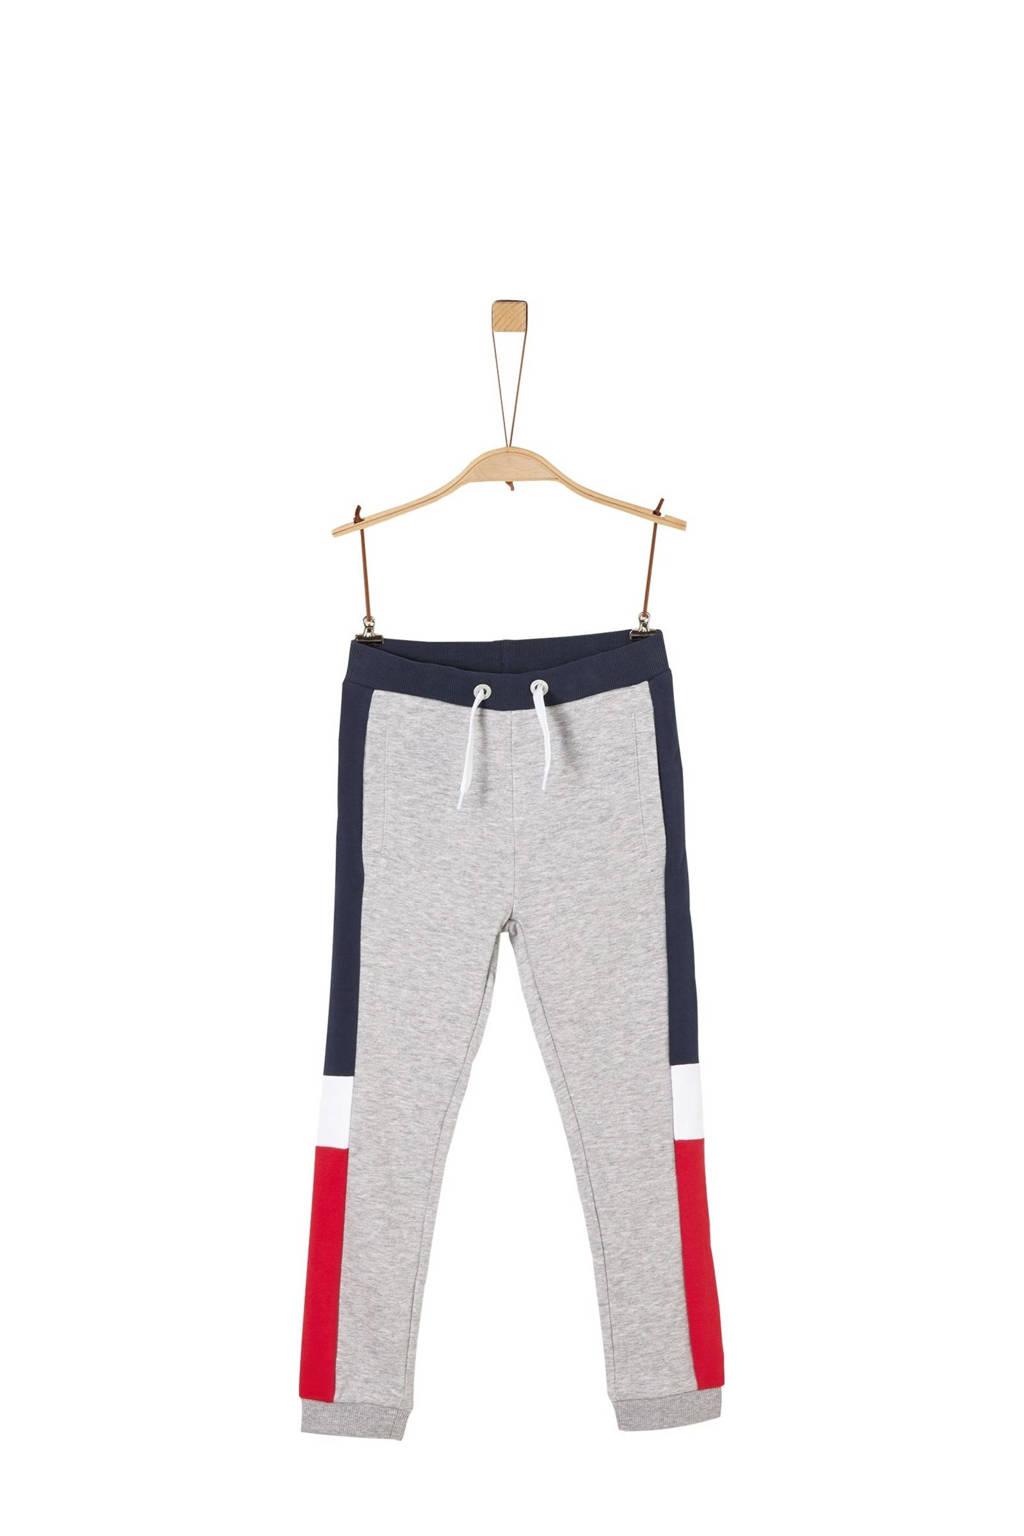 s.Oliver   joggingbroek met zijstreep grijs/donkerblauw/rood, Grijs/donkerblauw/rood